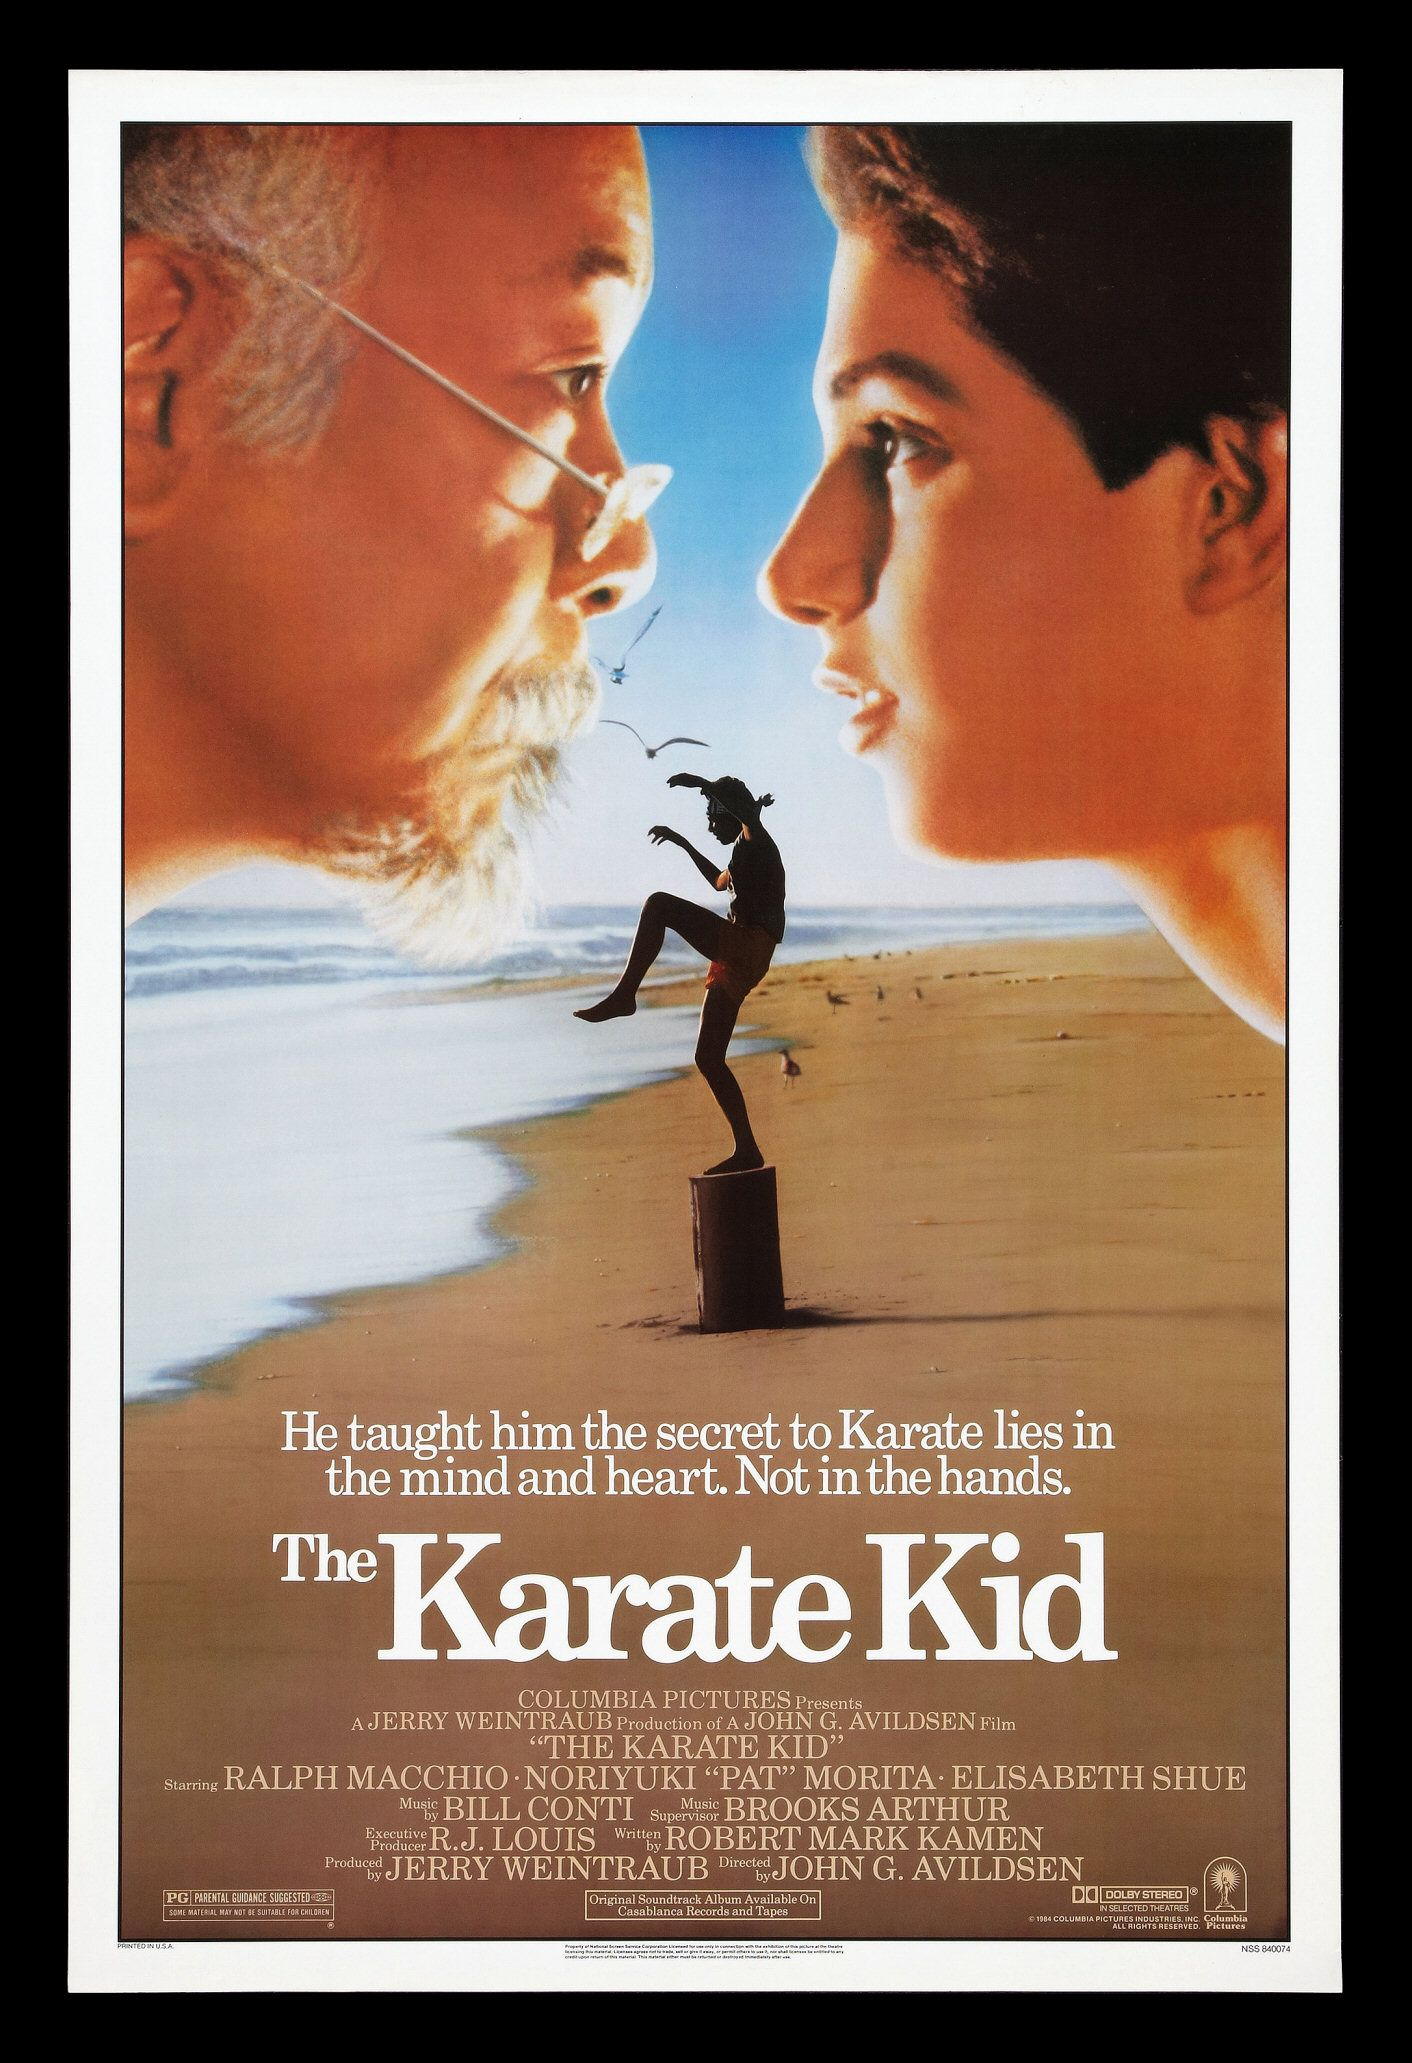 The Karate Kid Peliculas Portadas De Películas Poster De Peliculas